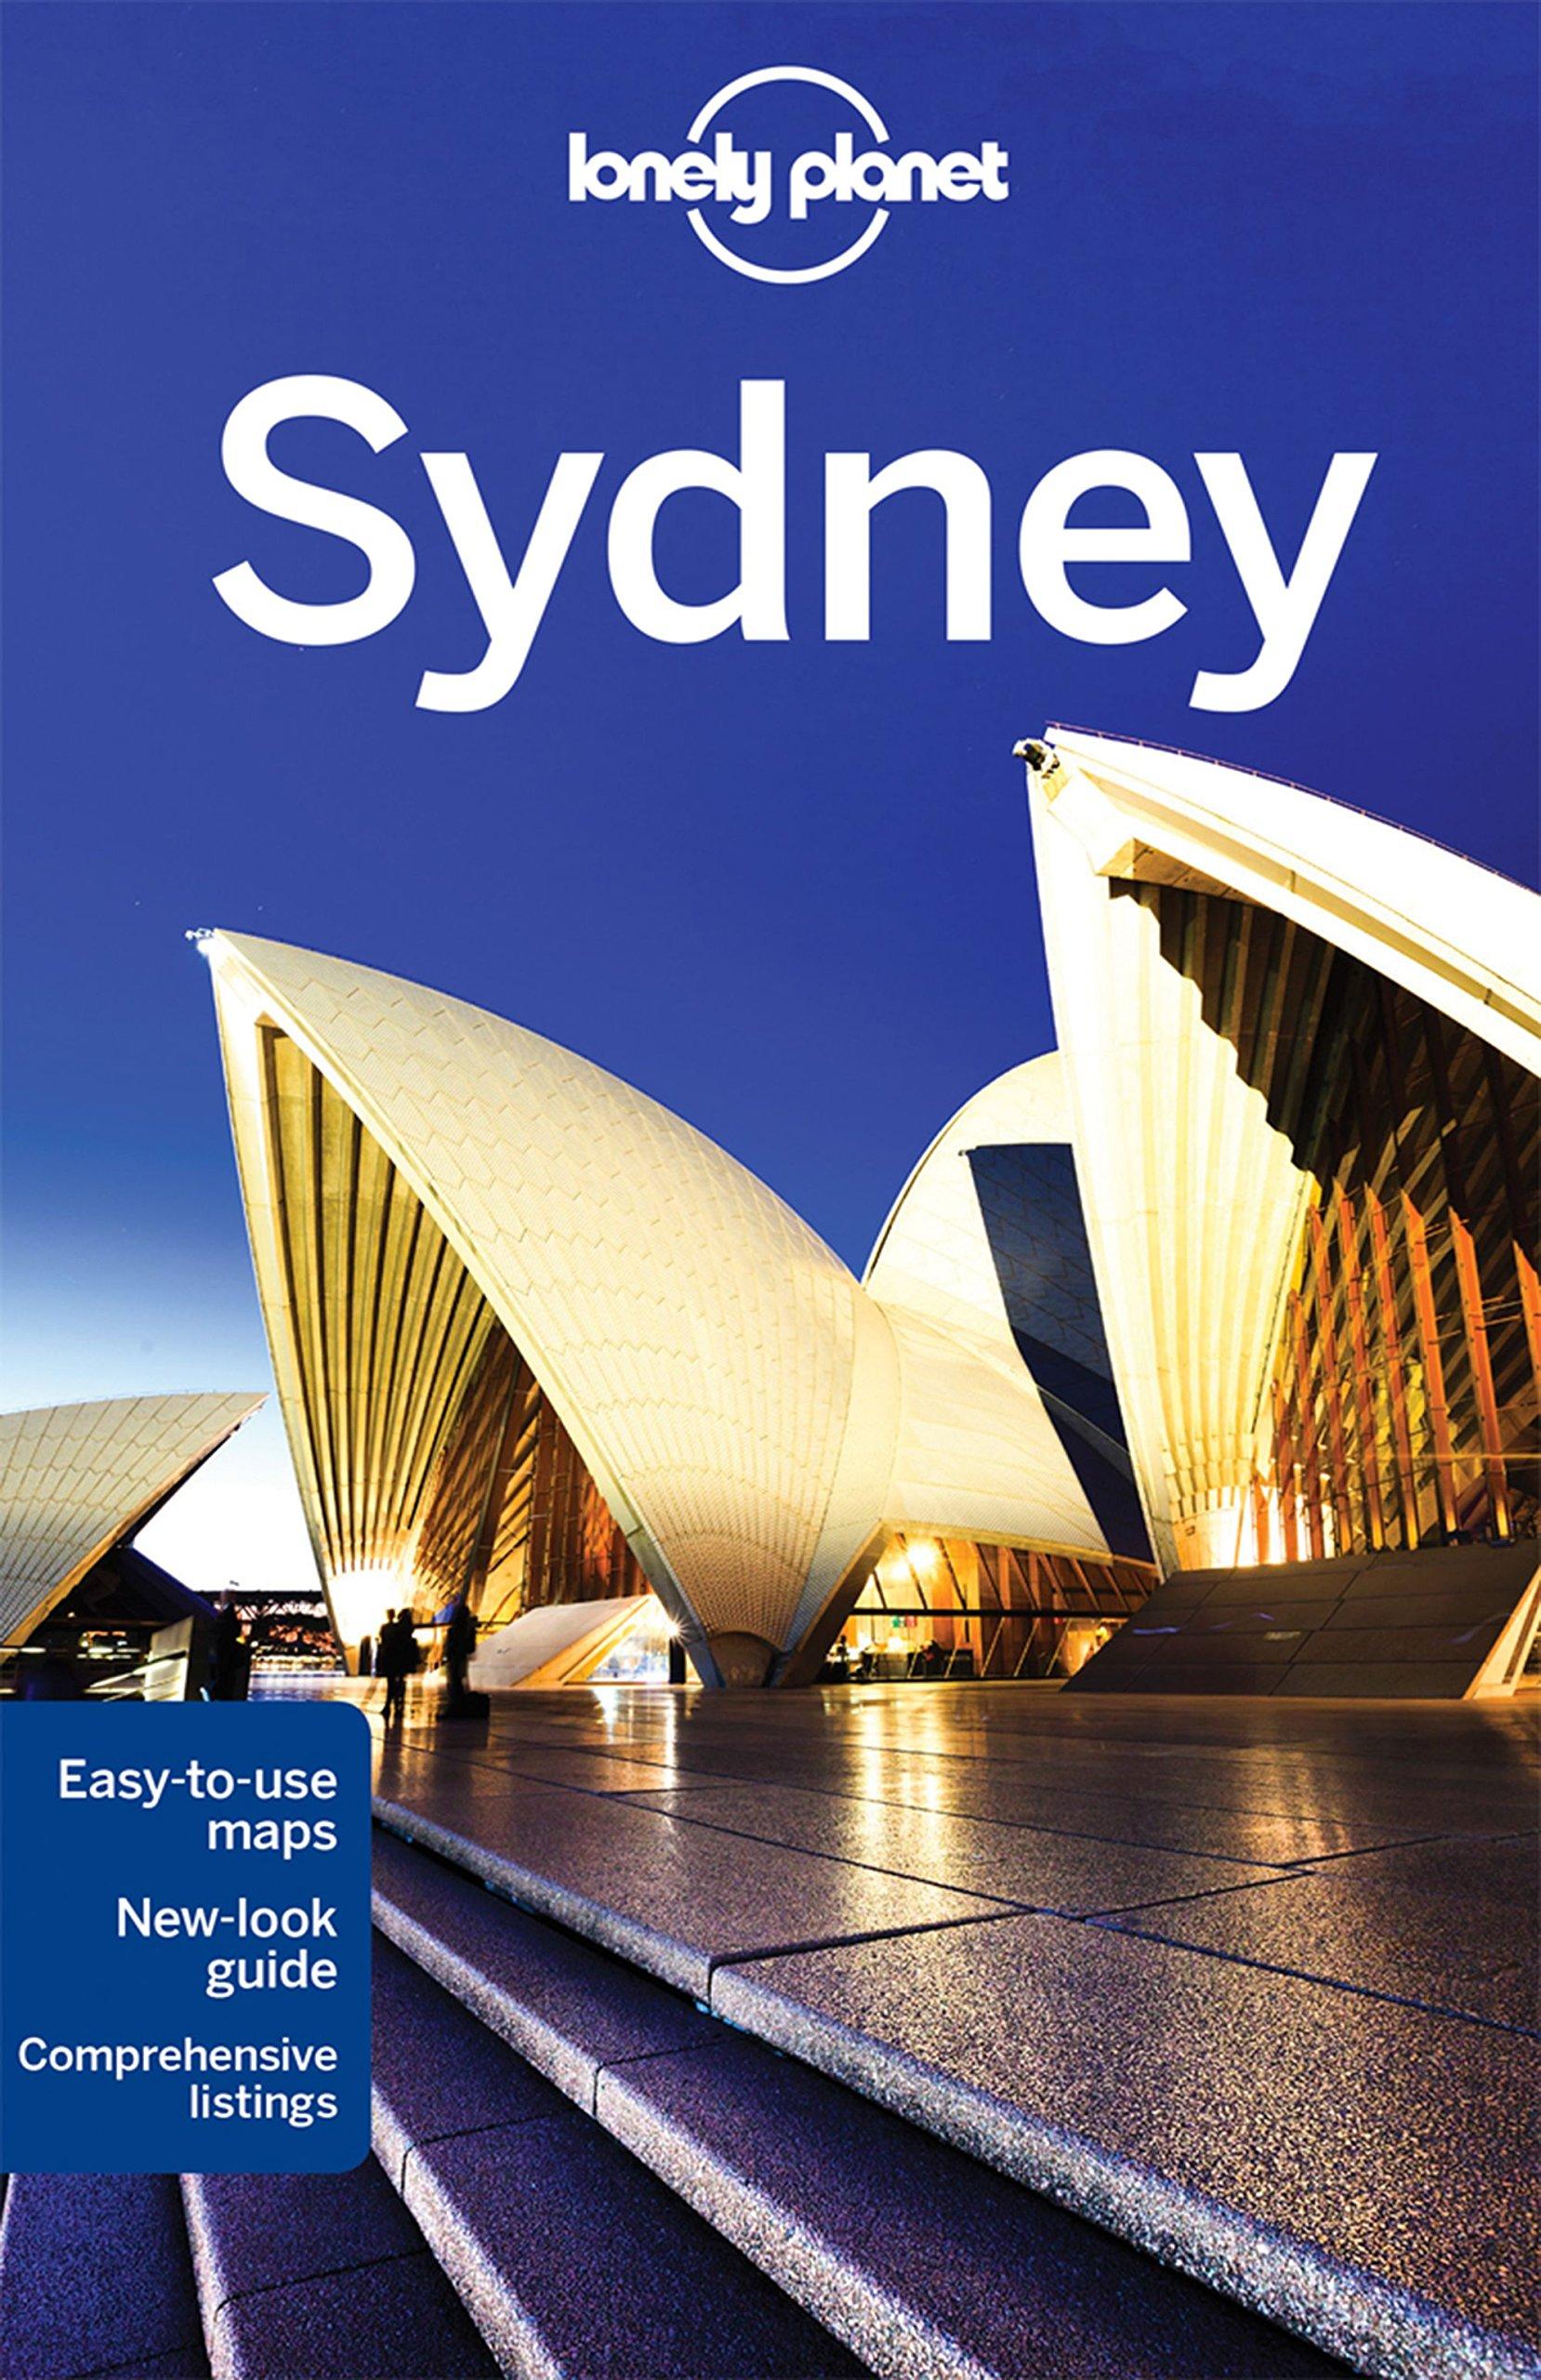 Lonely Planet Sydney (City Guides): Amazon.de: Peter Dragicevich ...